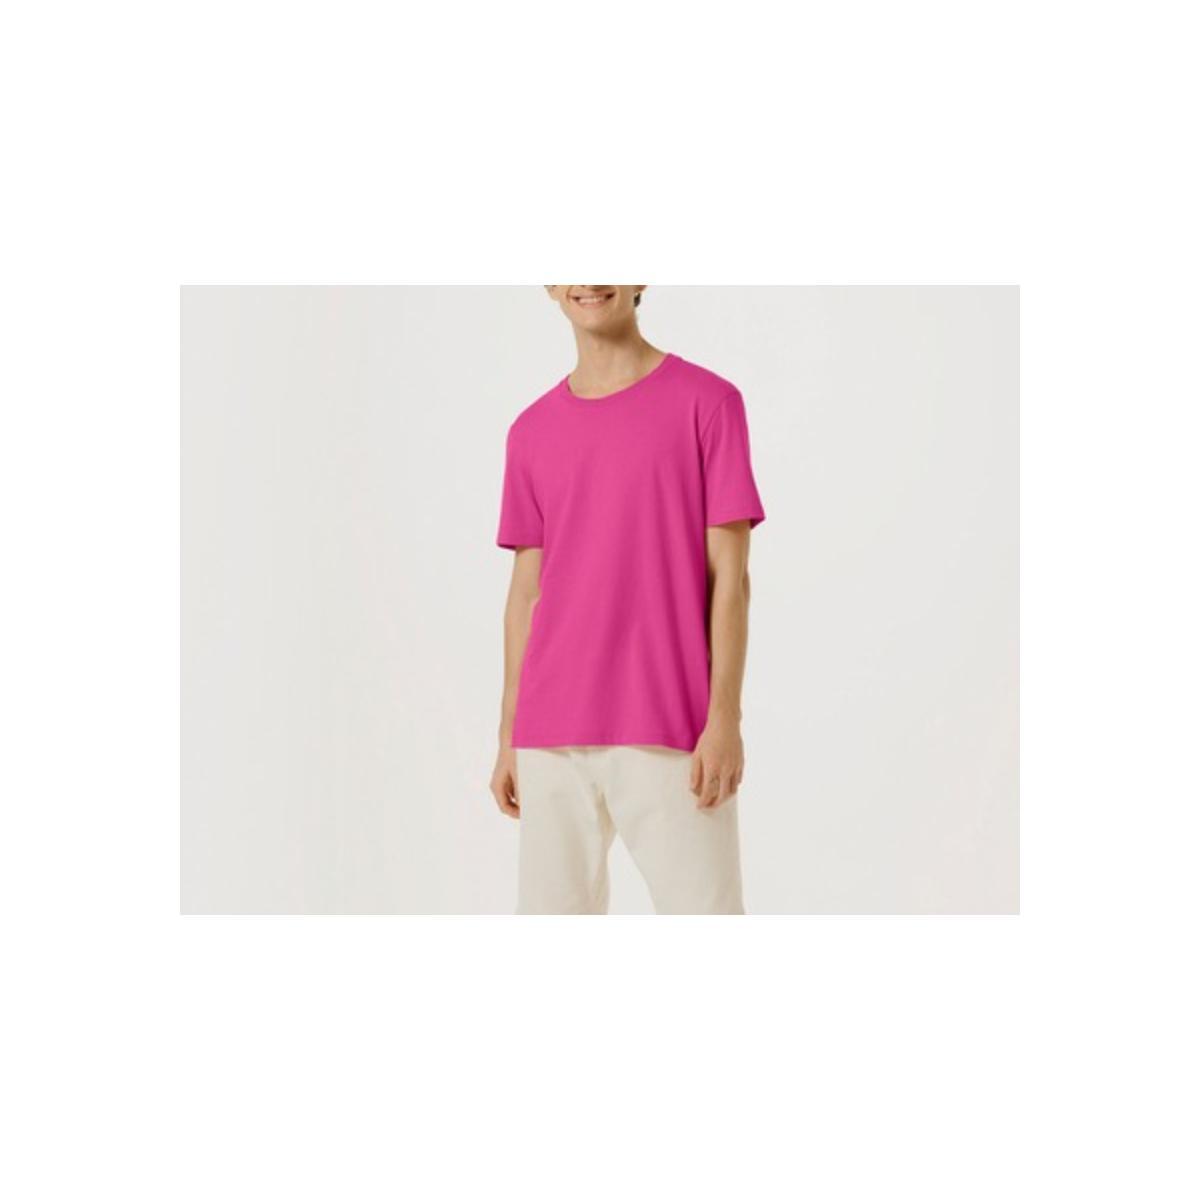 Camiseta Masculina Hering 0201 Kquen  Pink